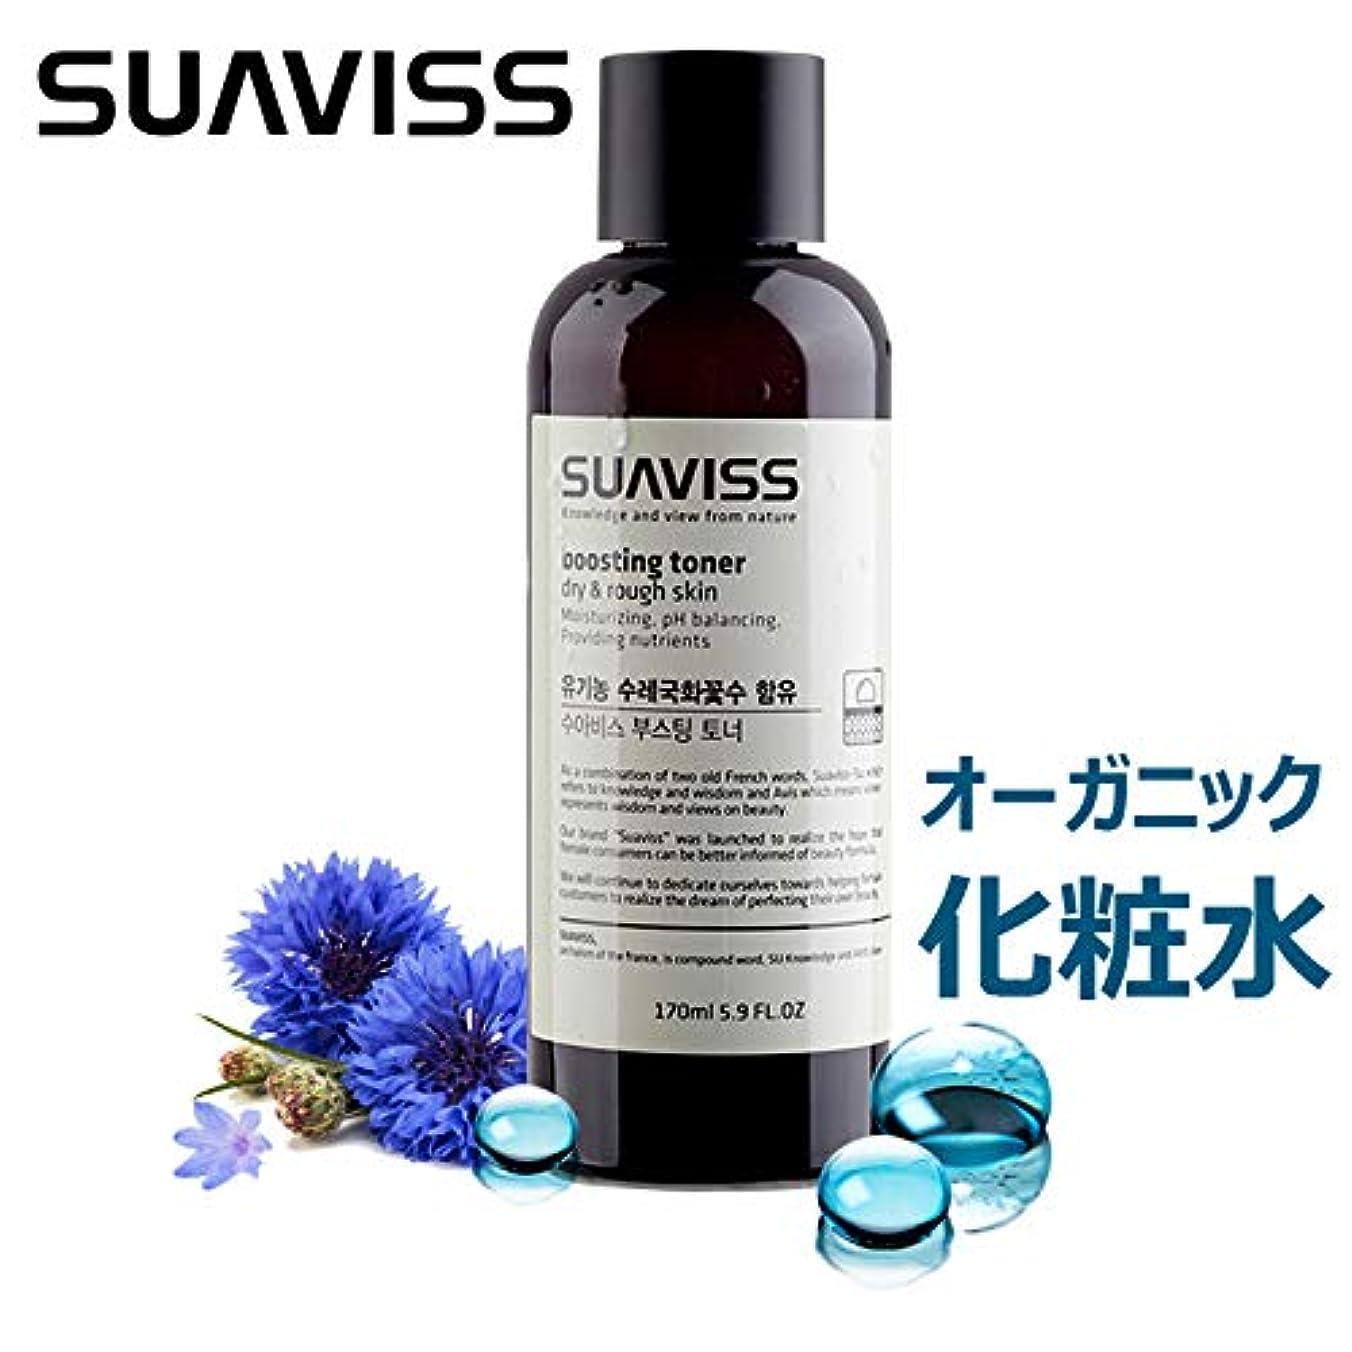 裁判官来て経験者スアビス/ブースティング/化粧水 水分 供給 栄養 供給 オーガニック 化粧品 韓国コスメ 乾燥肌用